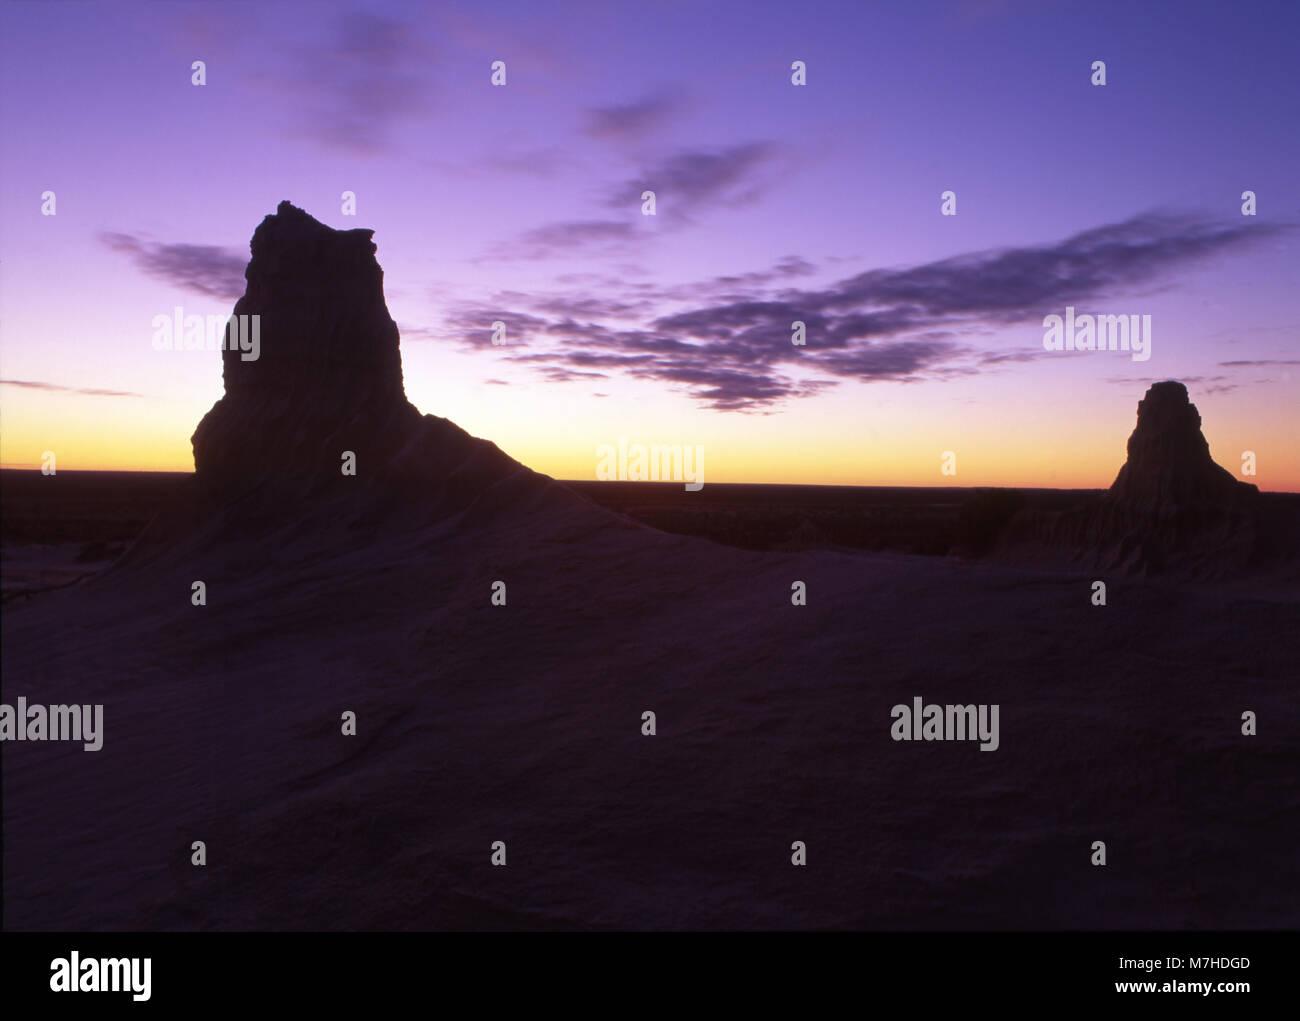 Le Mungo National Park est un parc national protégé qui est situé dans le sud-ouest de la Nouvelle-Galles du Sud, dans l'Est de l'Australie. Banque D'Images